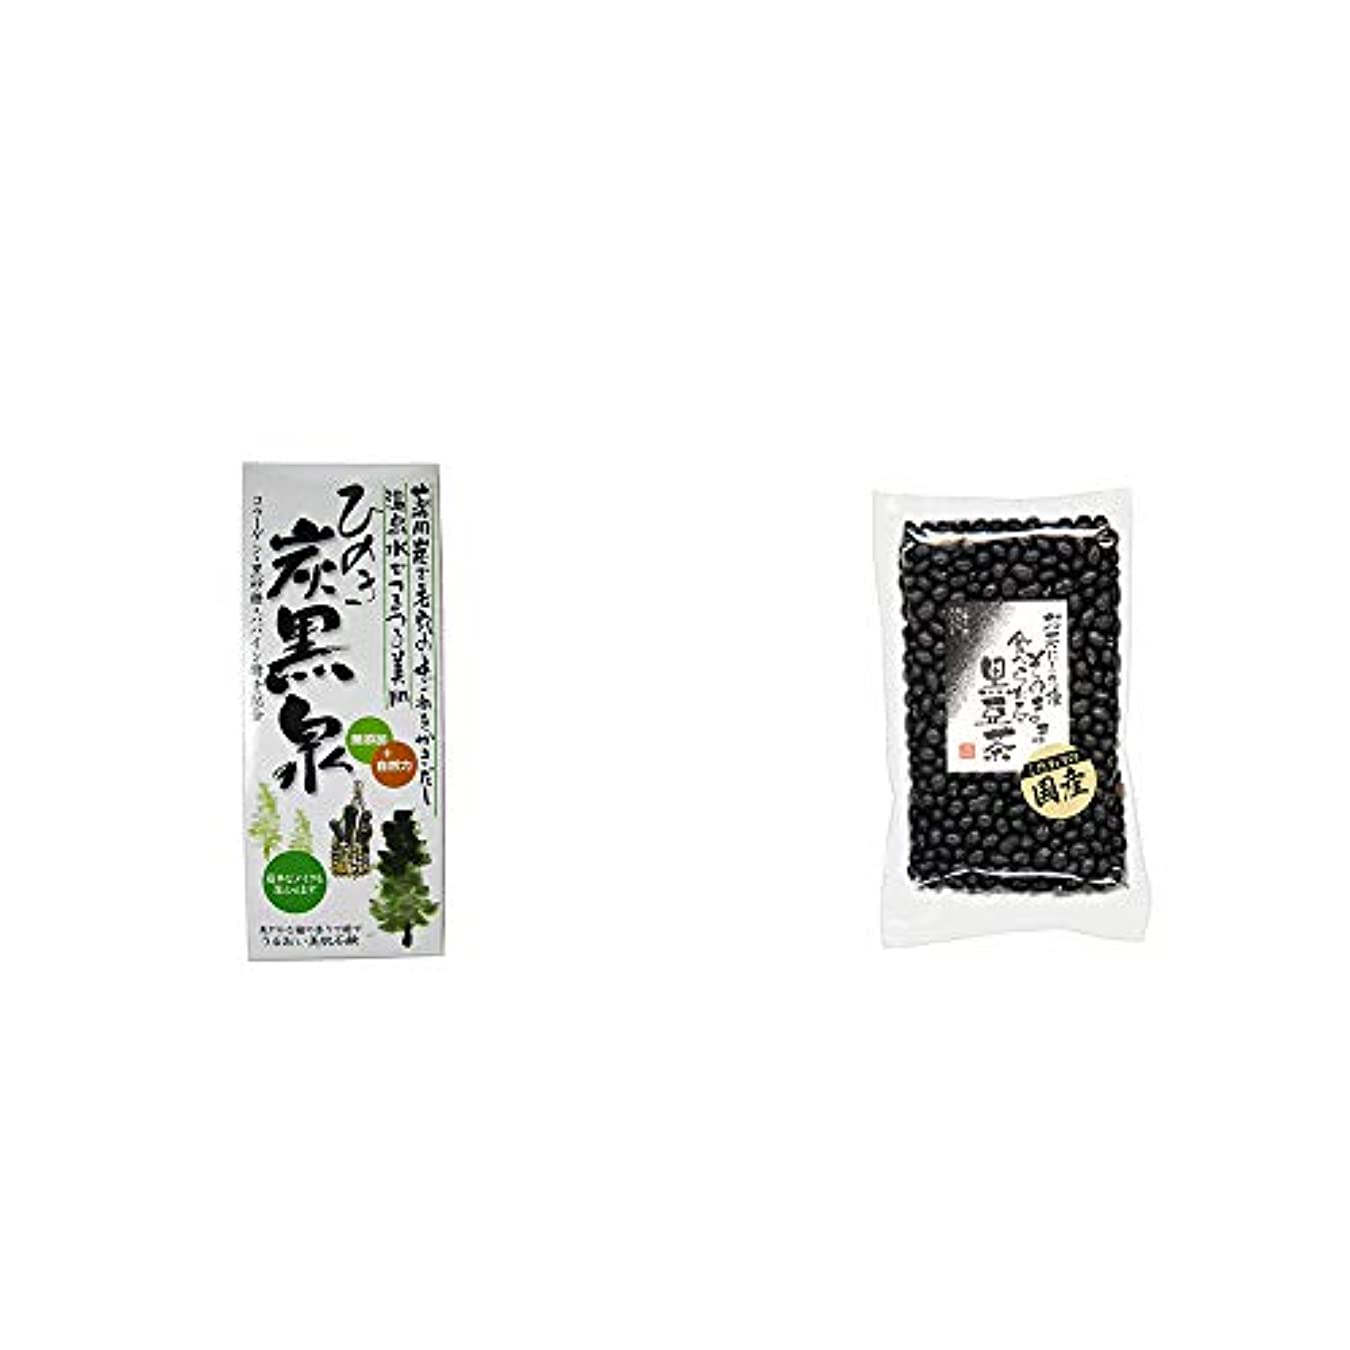 枯れるめ言葉怖がらせる[2点セット] ひのき炭黒泉 箱入り(75g×3)?国産 黒豆茶(200g)